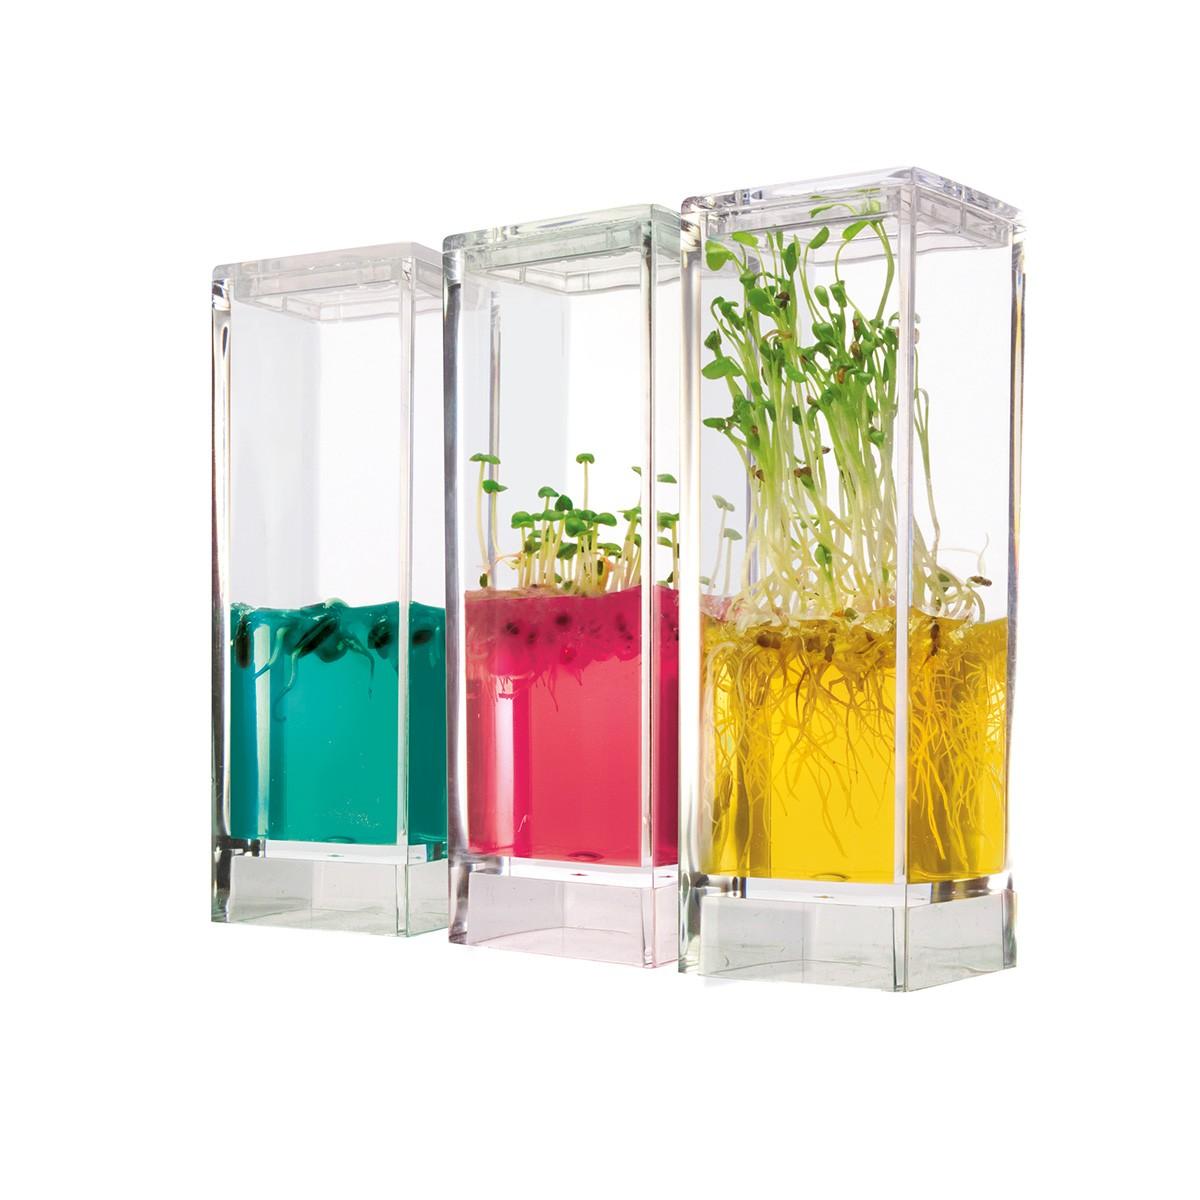 Domowe laboratorium do uprawiania roślin z odżywczym żelem